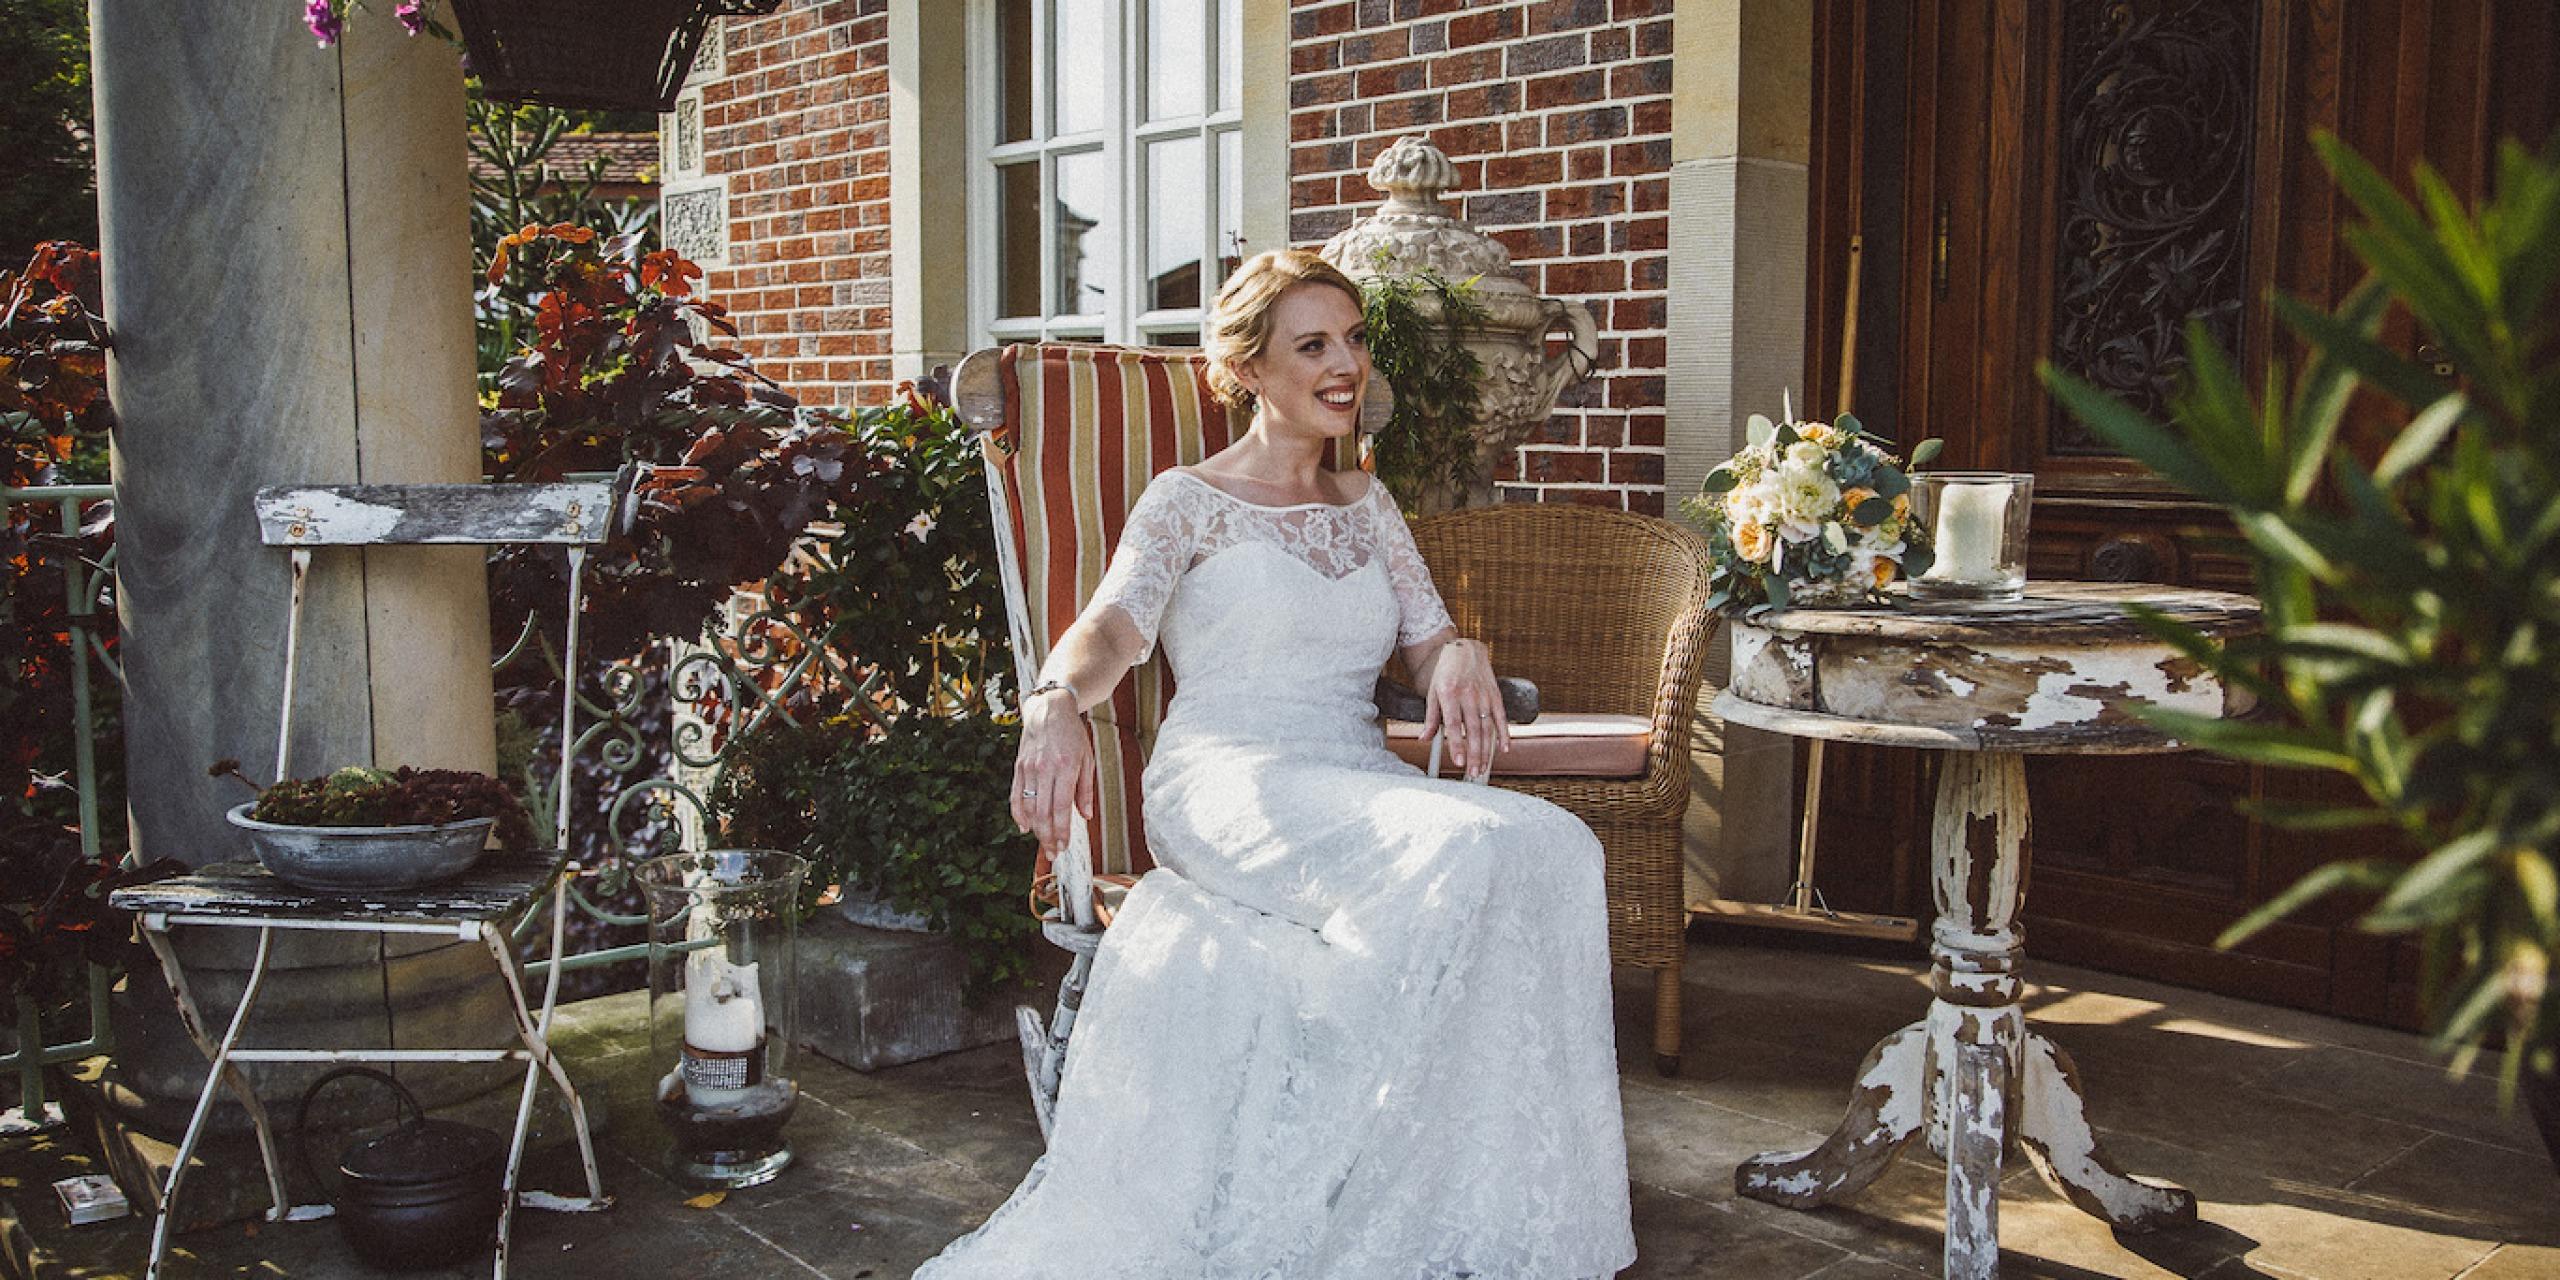 Hochzeit von Jennifer und Stefan in Münster: Braut sitzt auf dem Stuhl und lächelt